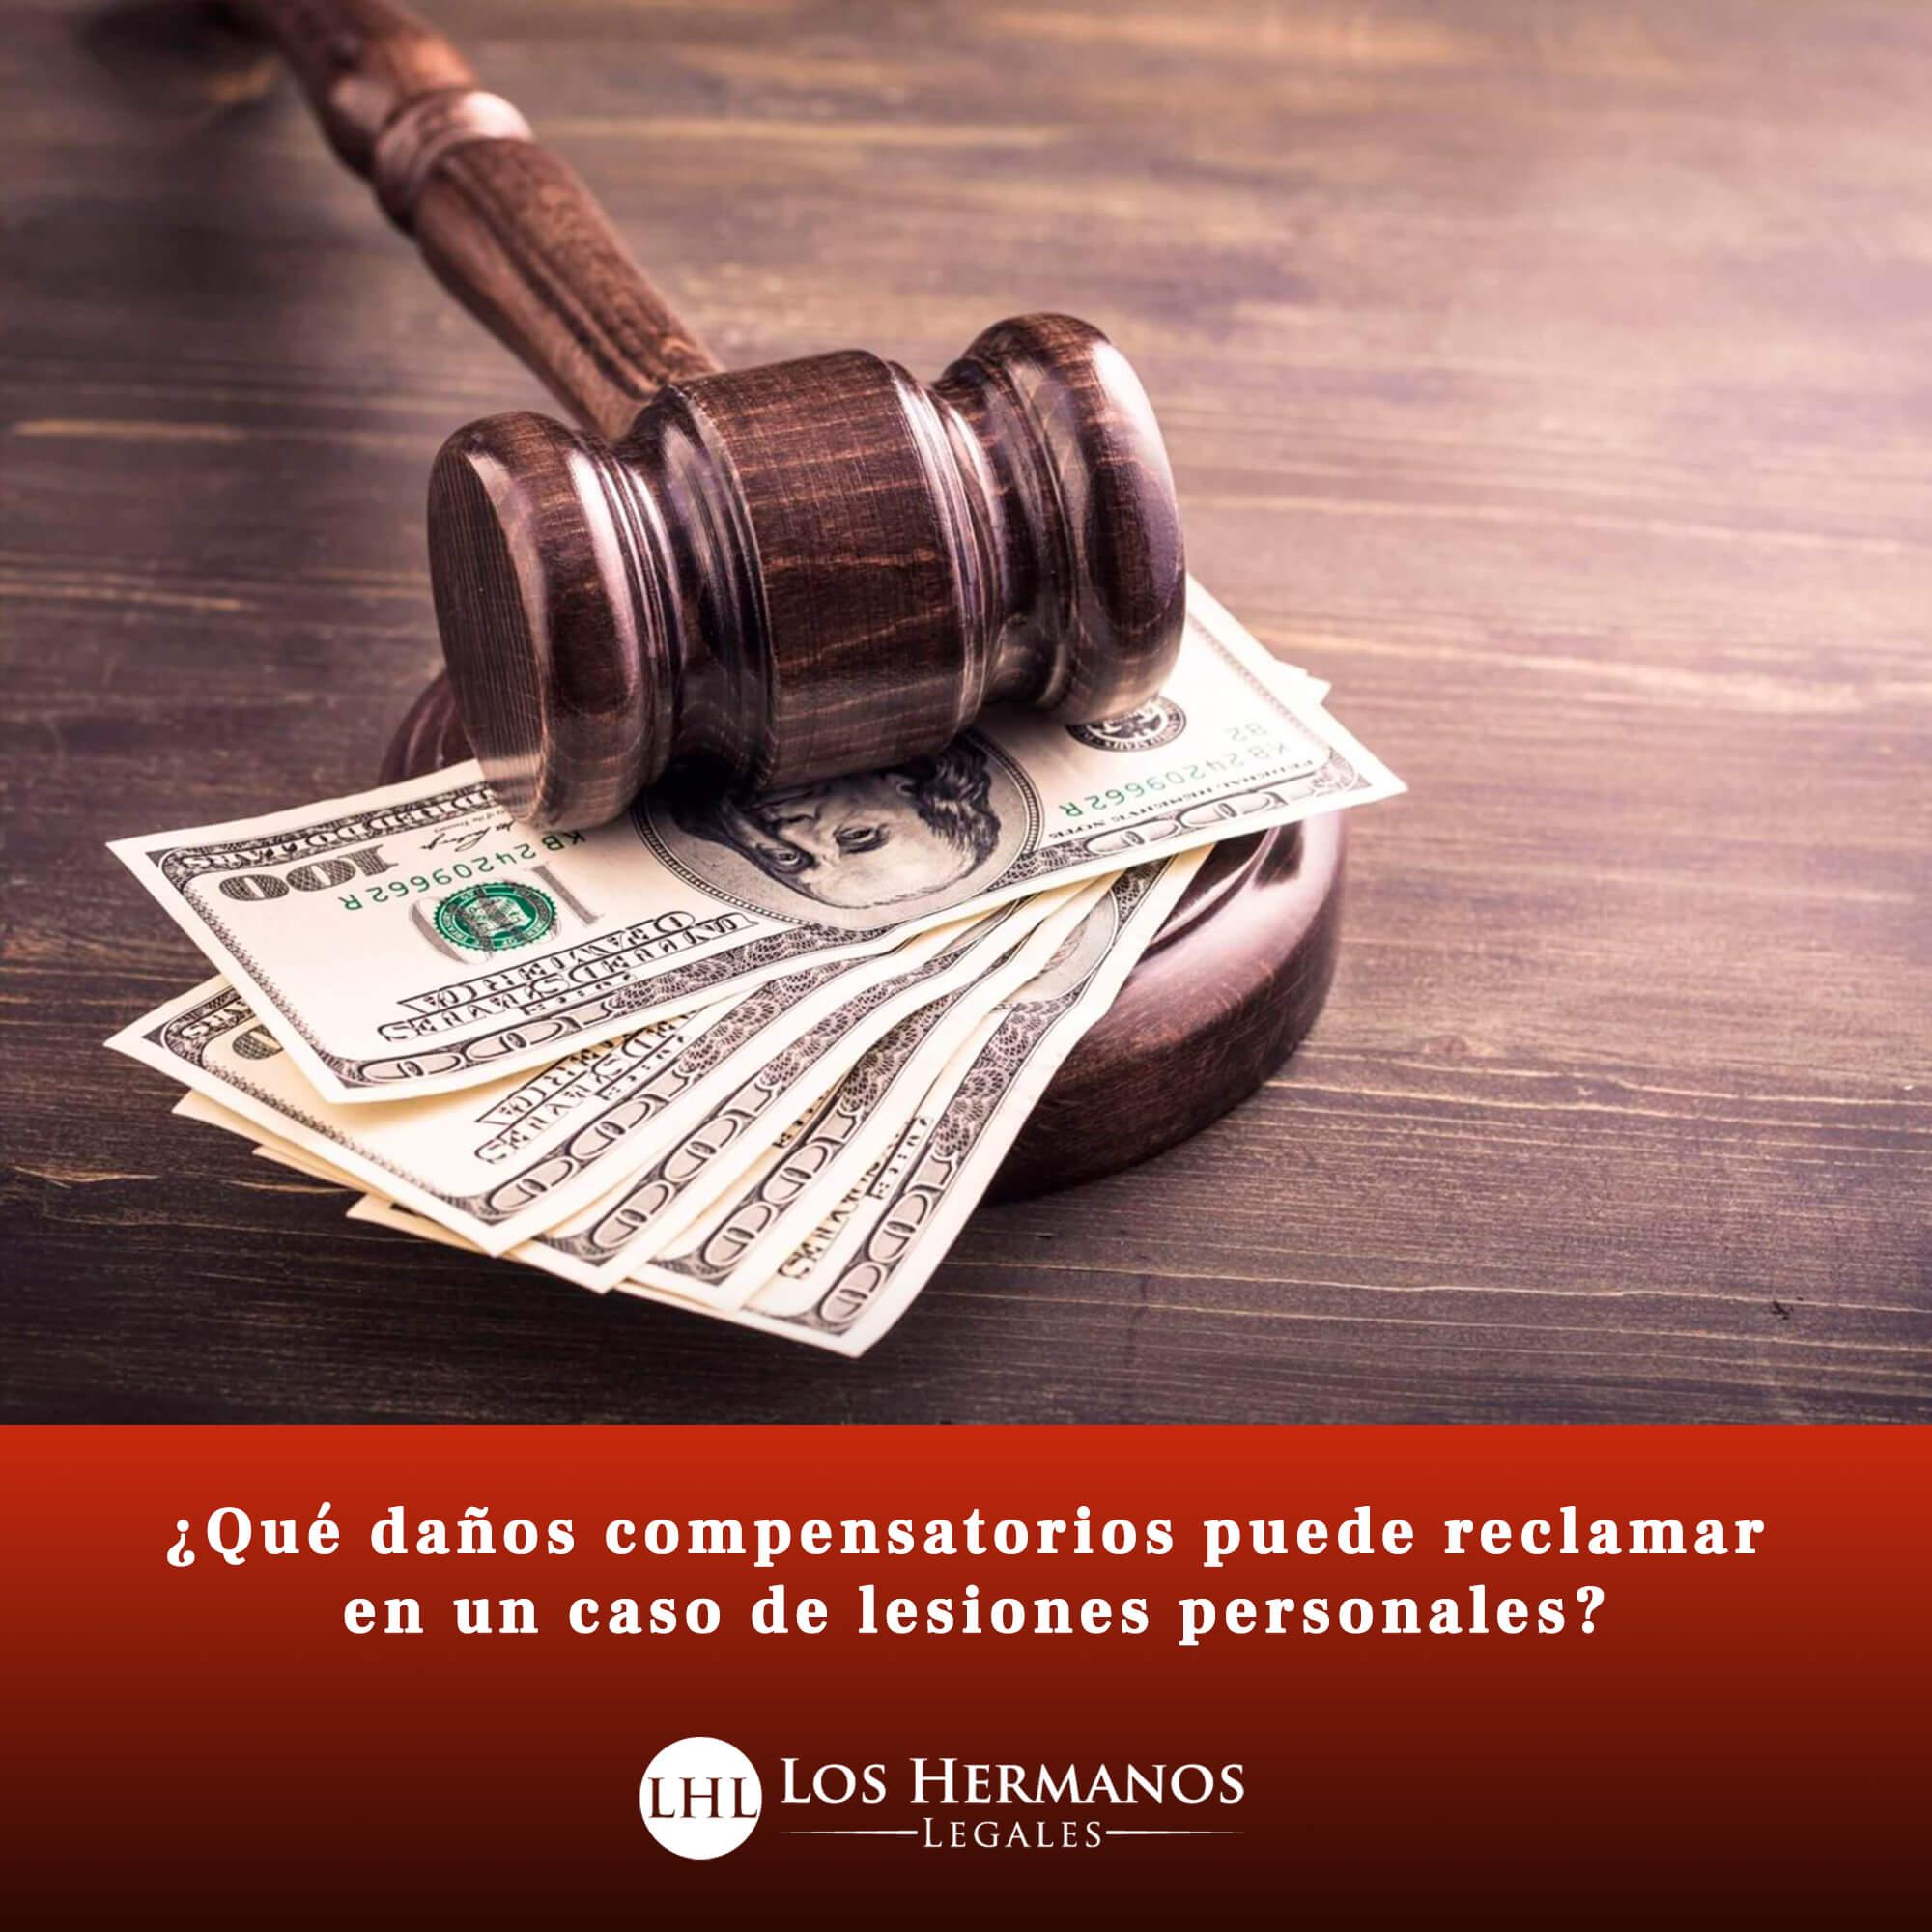 ¿A qué tipo de daños compensatorios tiene derecho en un caso de lesiones personales?